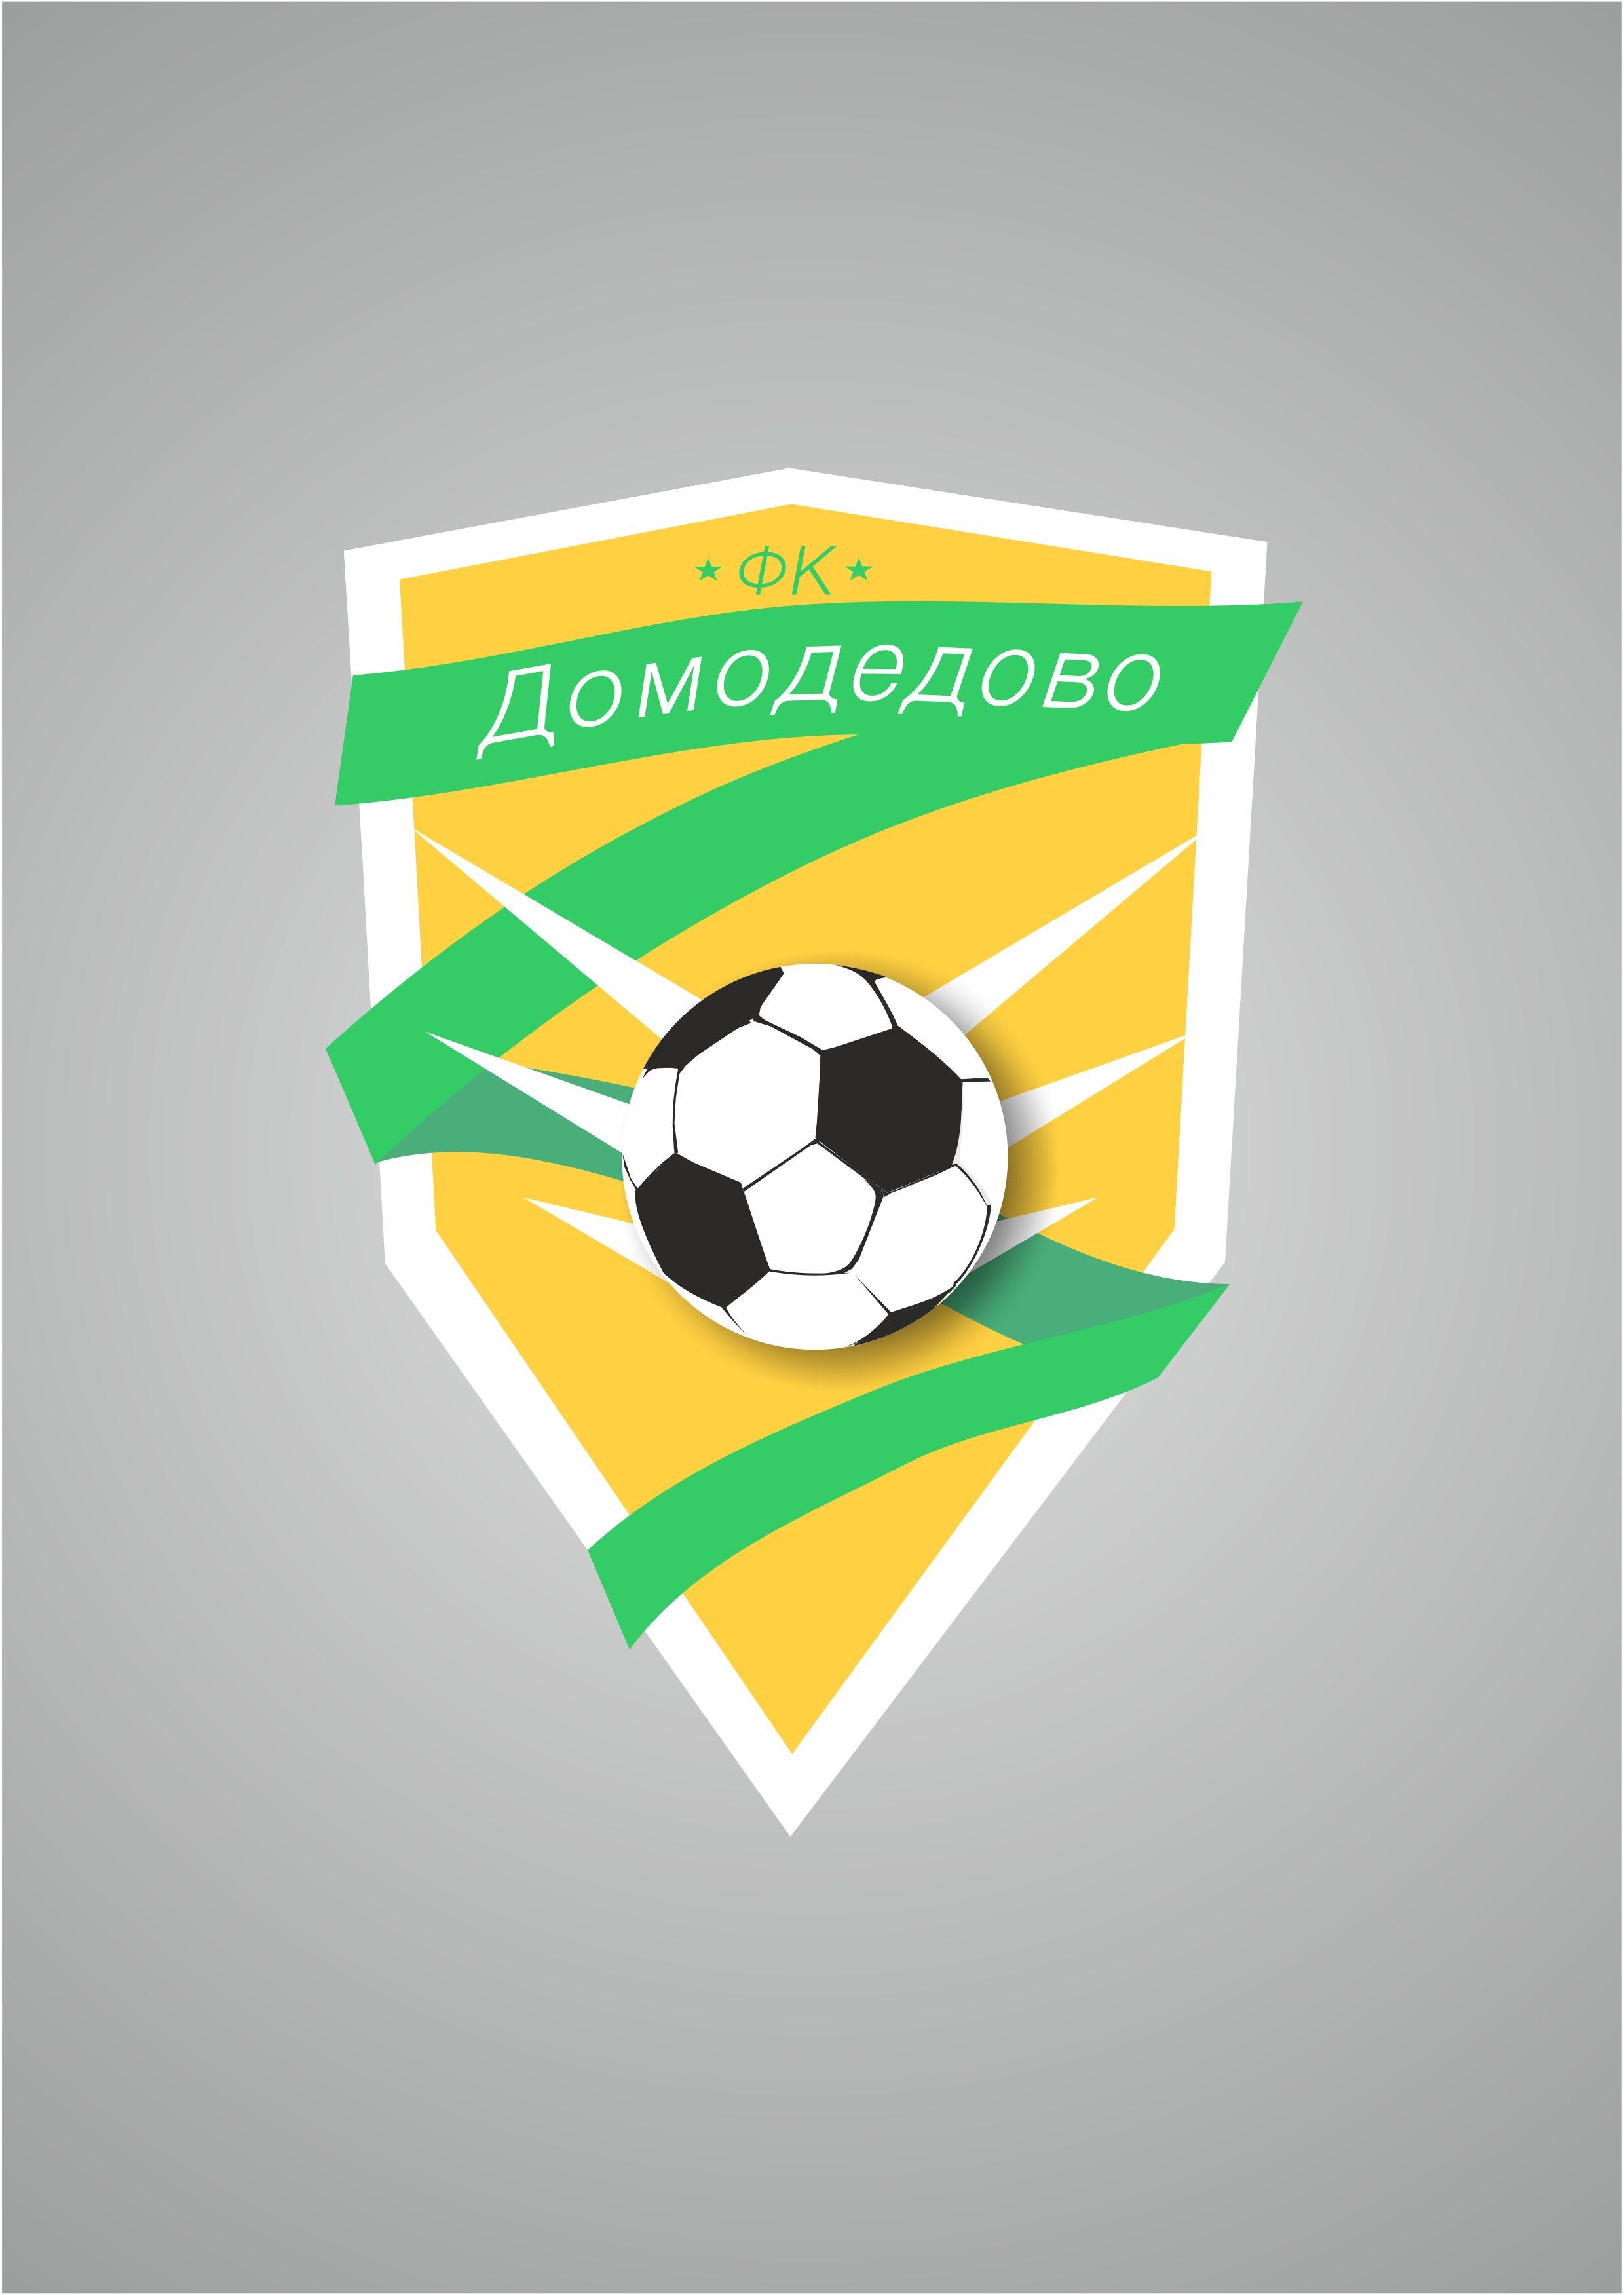 Логотип (Эмблема) для нового Футбольного клуба - дизайнер Volkonskiy